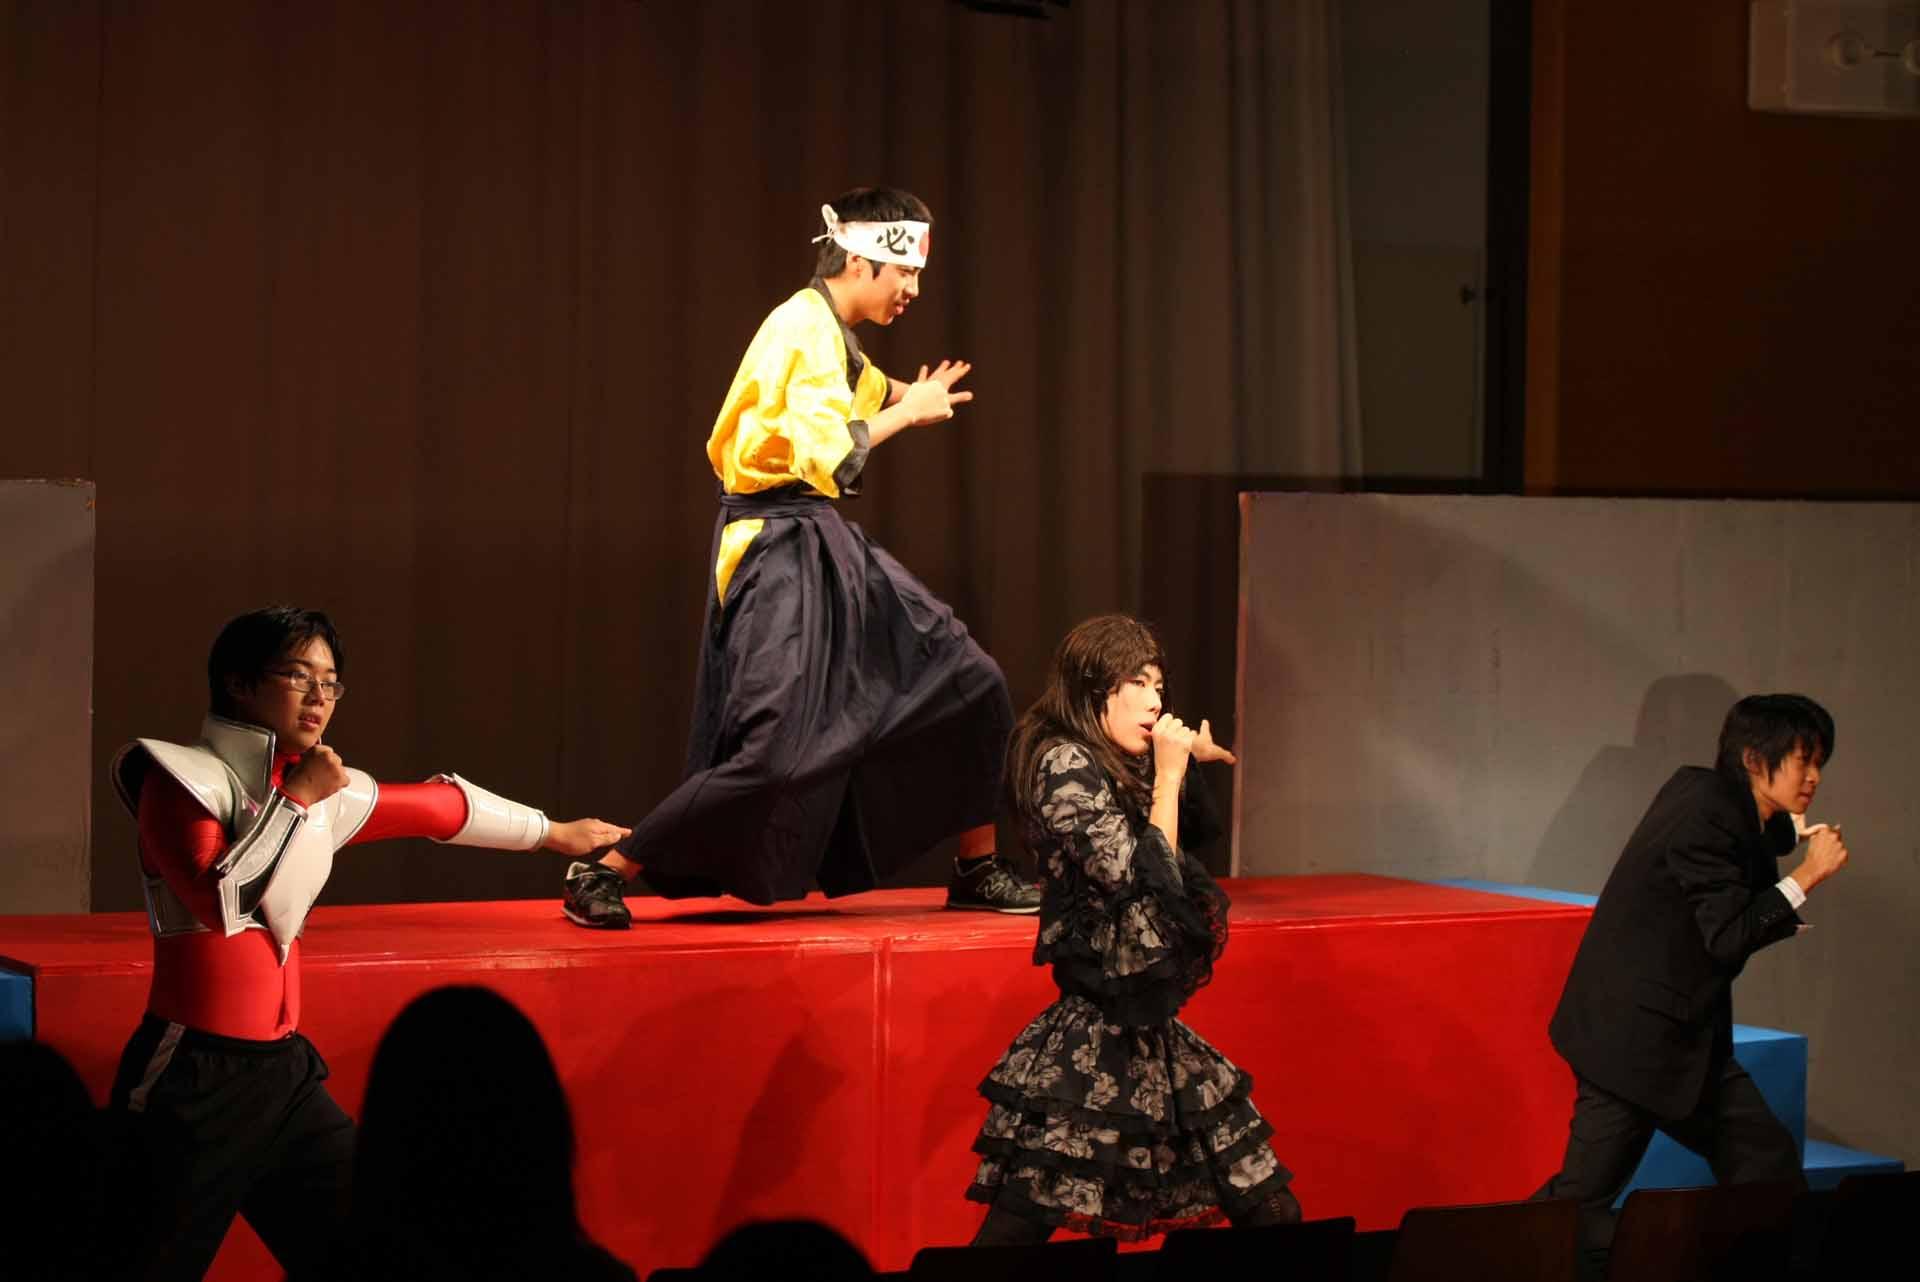 獨協高等学校演劇部が韓国の全国大会「韓国全国青少年演劇祭」に日本代表として出場